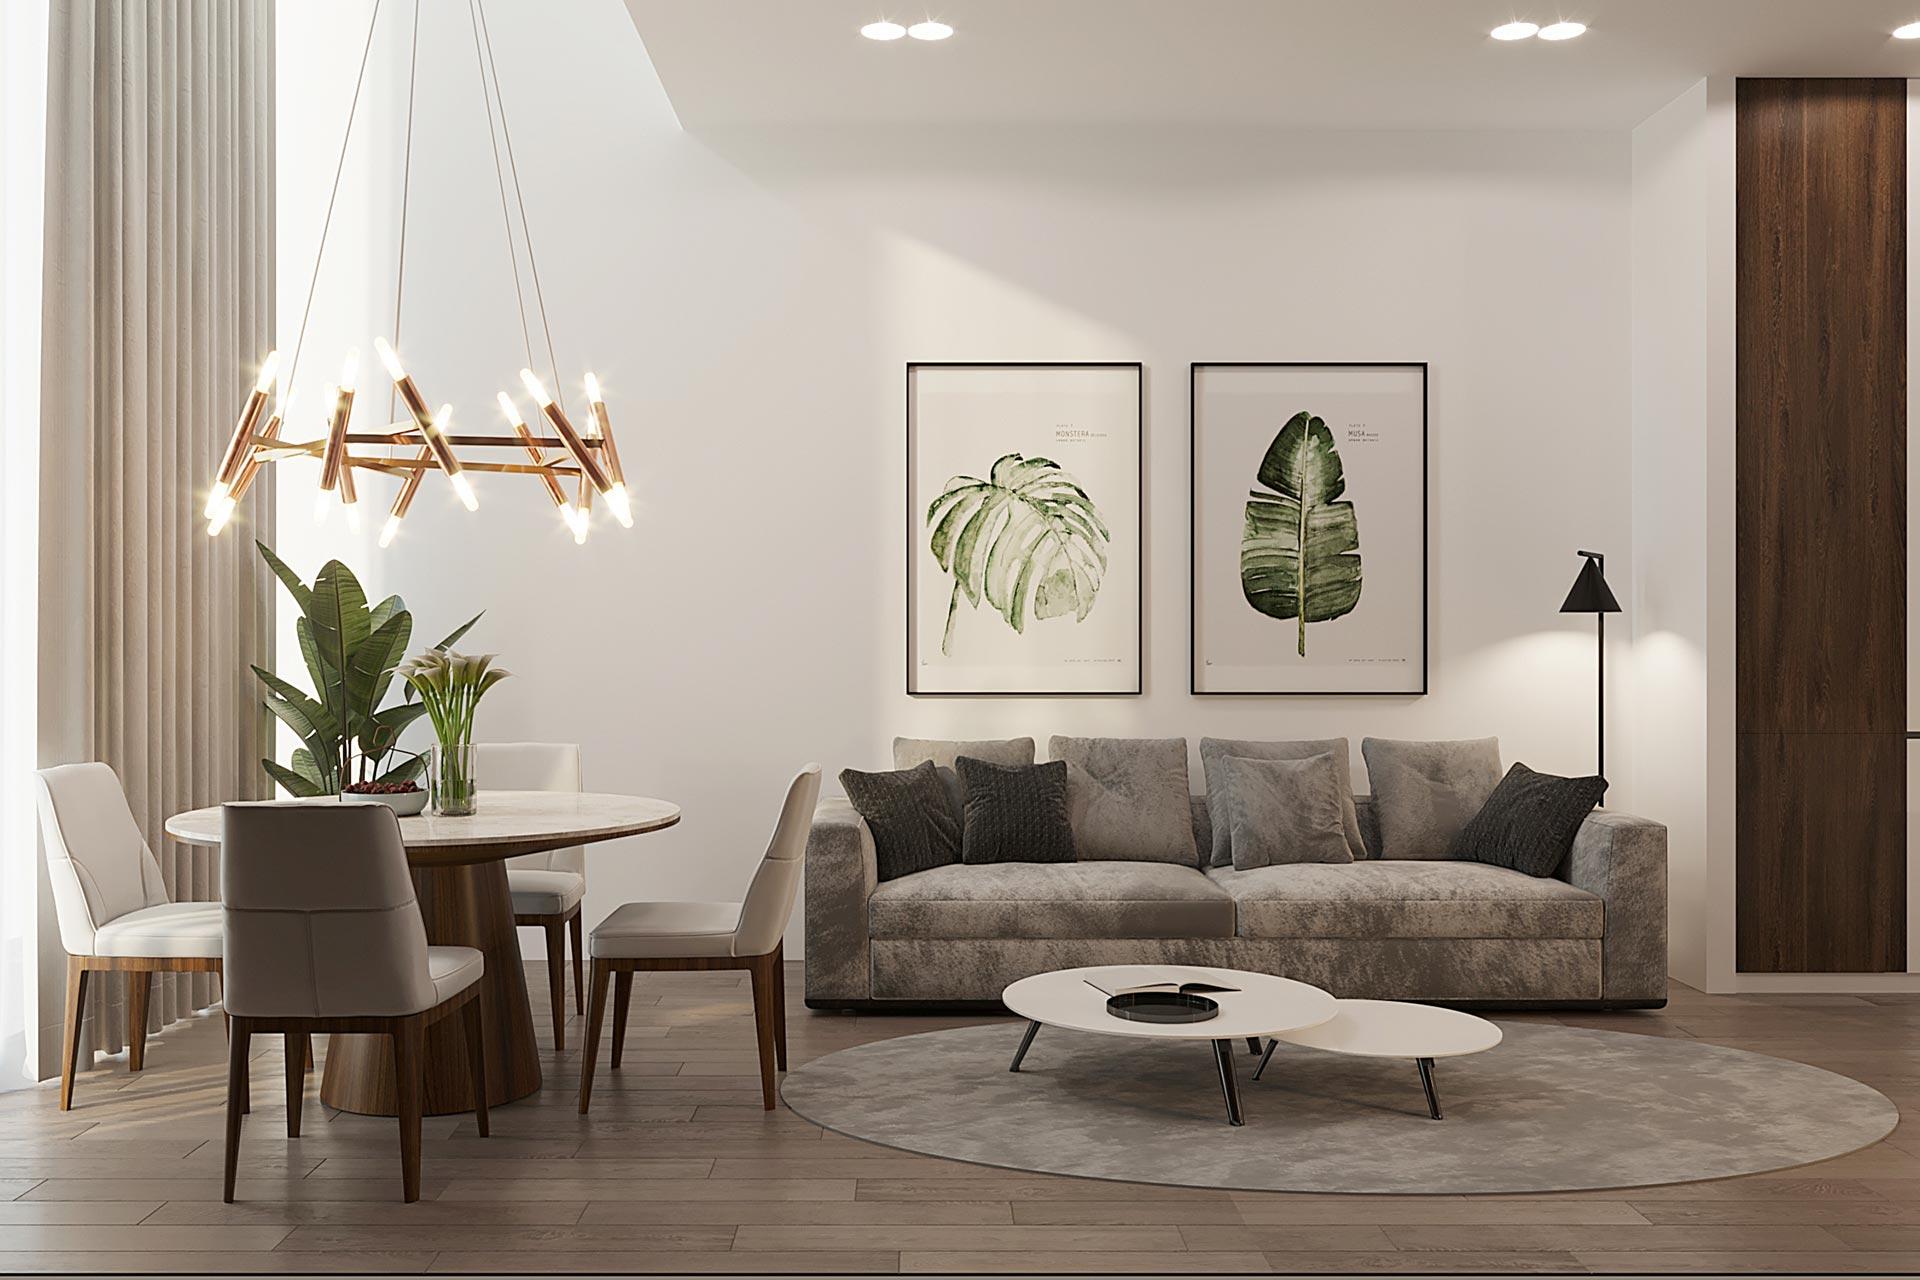 Визуализация интерьера квартиры в ЖК Balchug Viewpoint